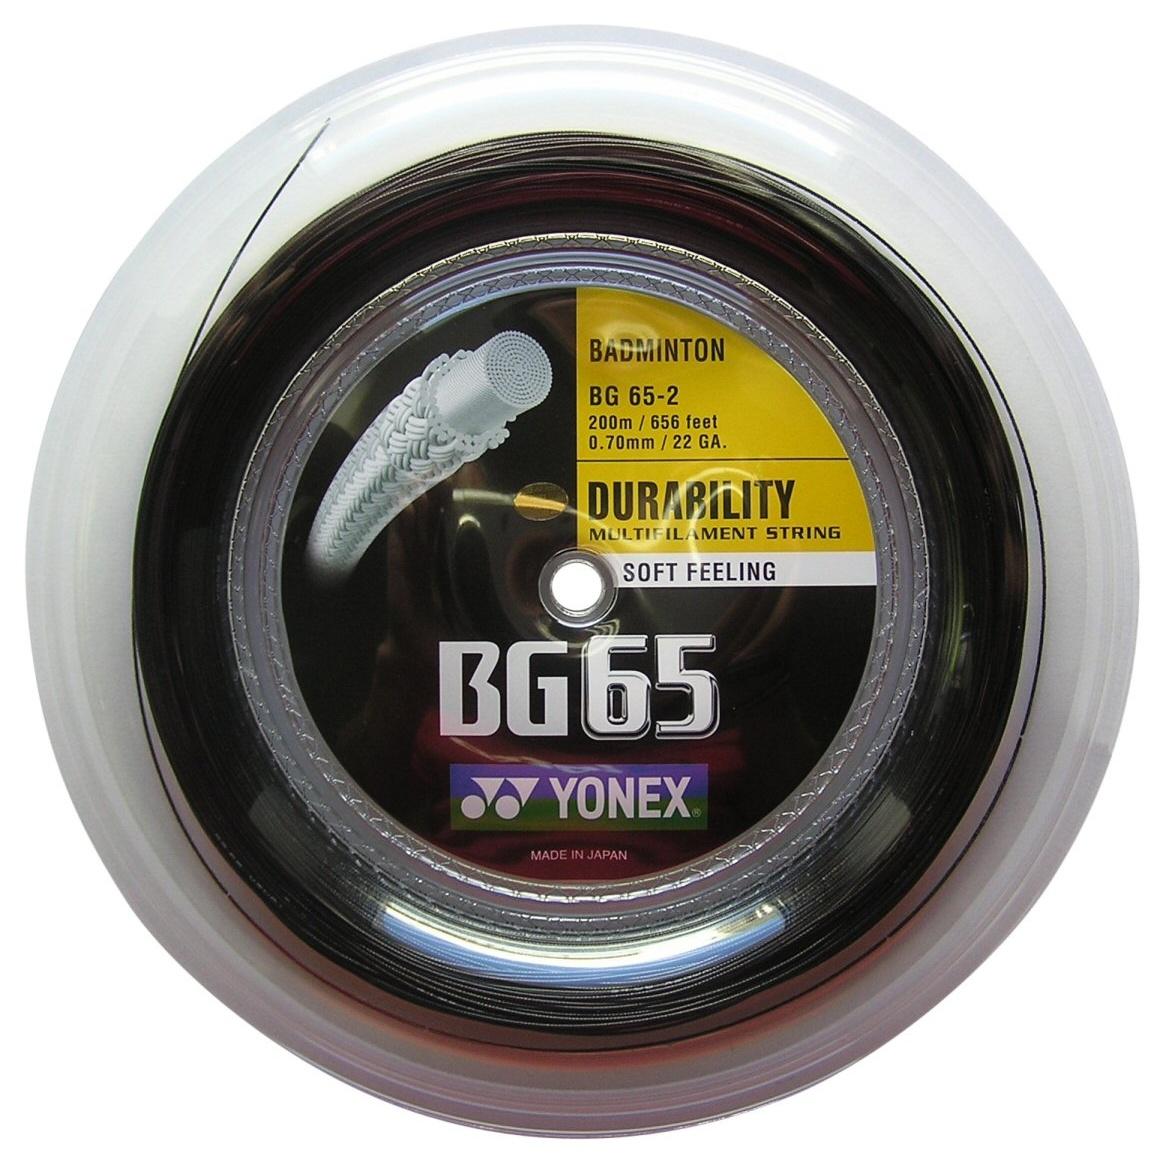 Yonex BG 65 0.70 schwarz 200 Meter Rolle versandkostenfrei ...